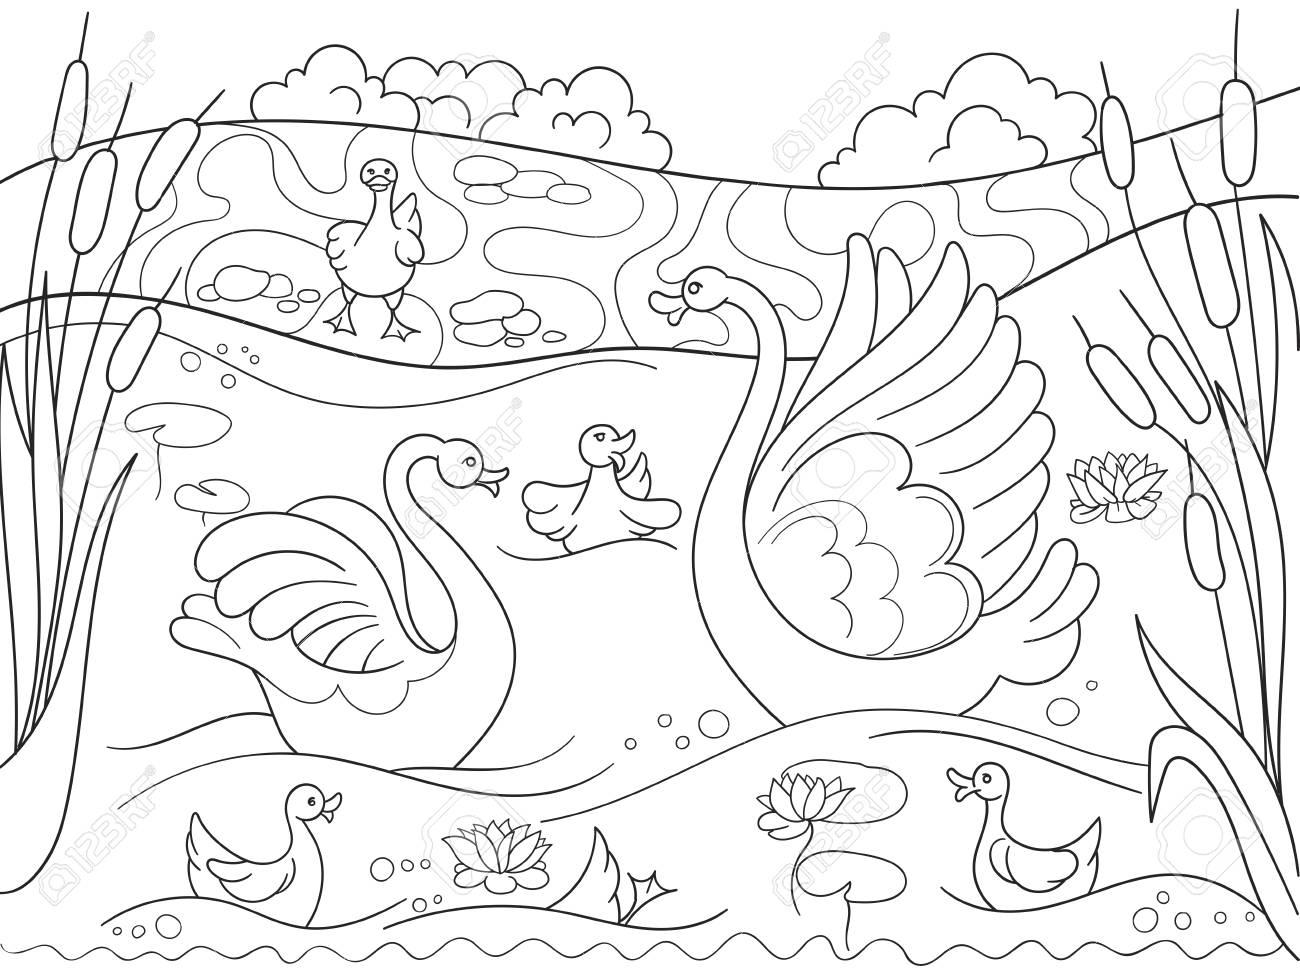 Familia De Dibujos Animados De Libro Para Colorear Para Niños De Swan En La Naturaleza